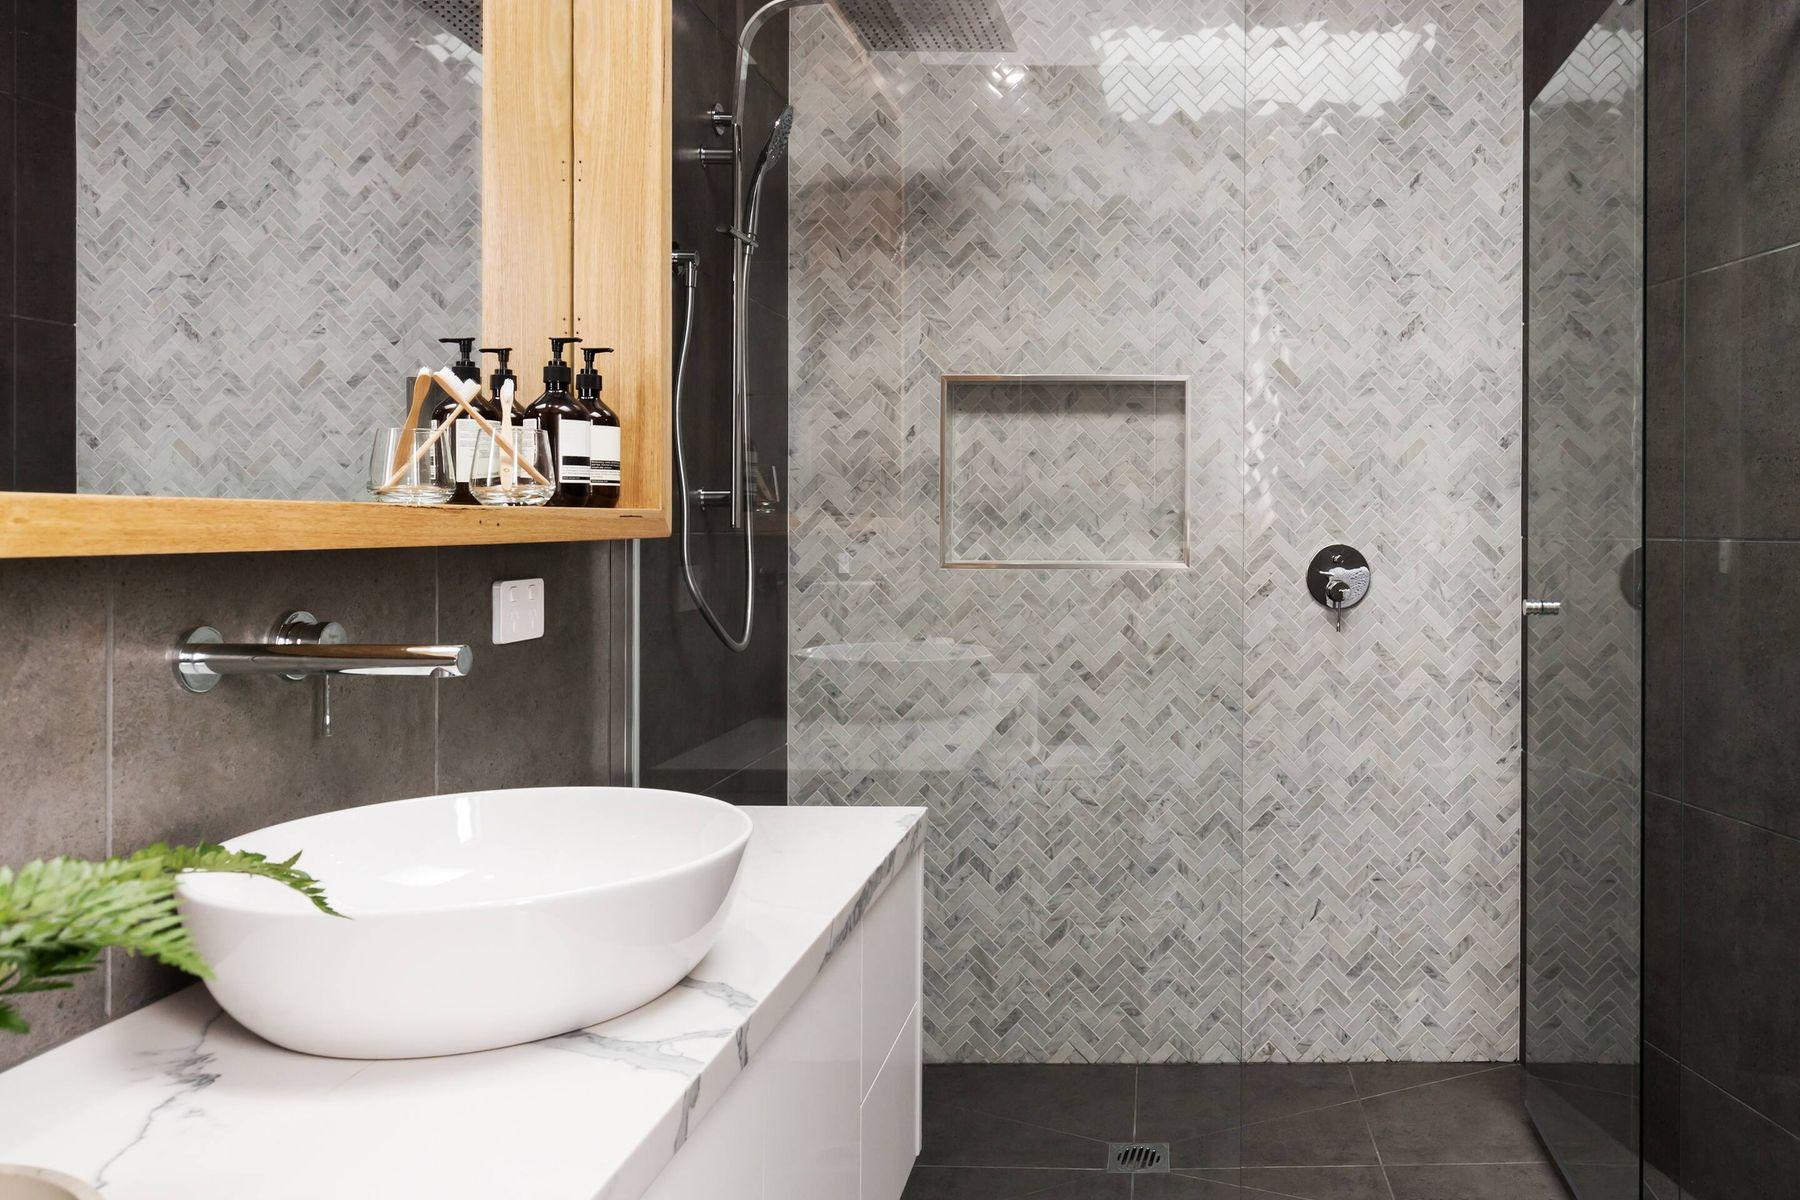 अपने बाथरूम की टाइल्स को कैसे चमकदार बनाएं | गेट सेट क्लीन